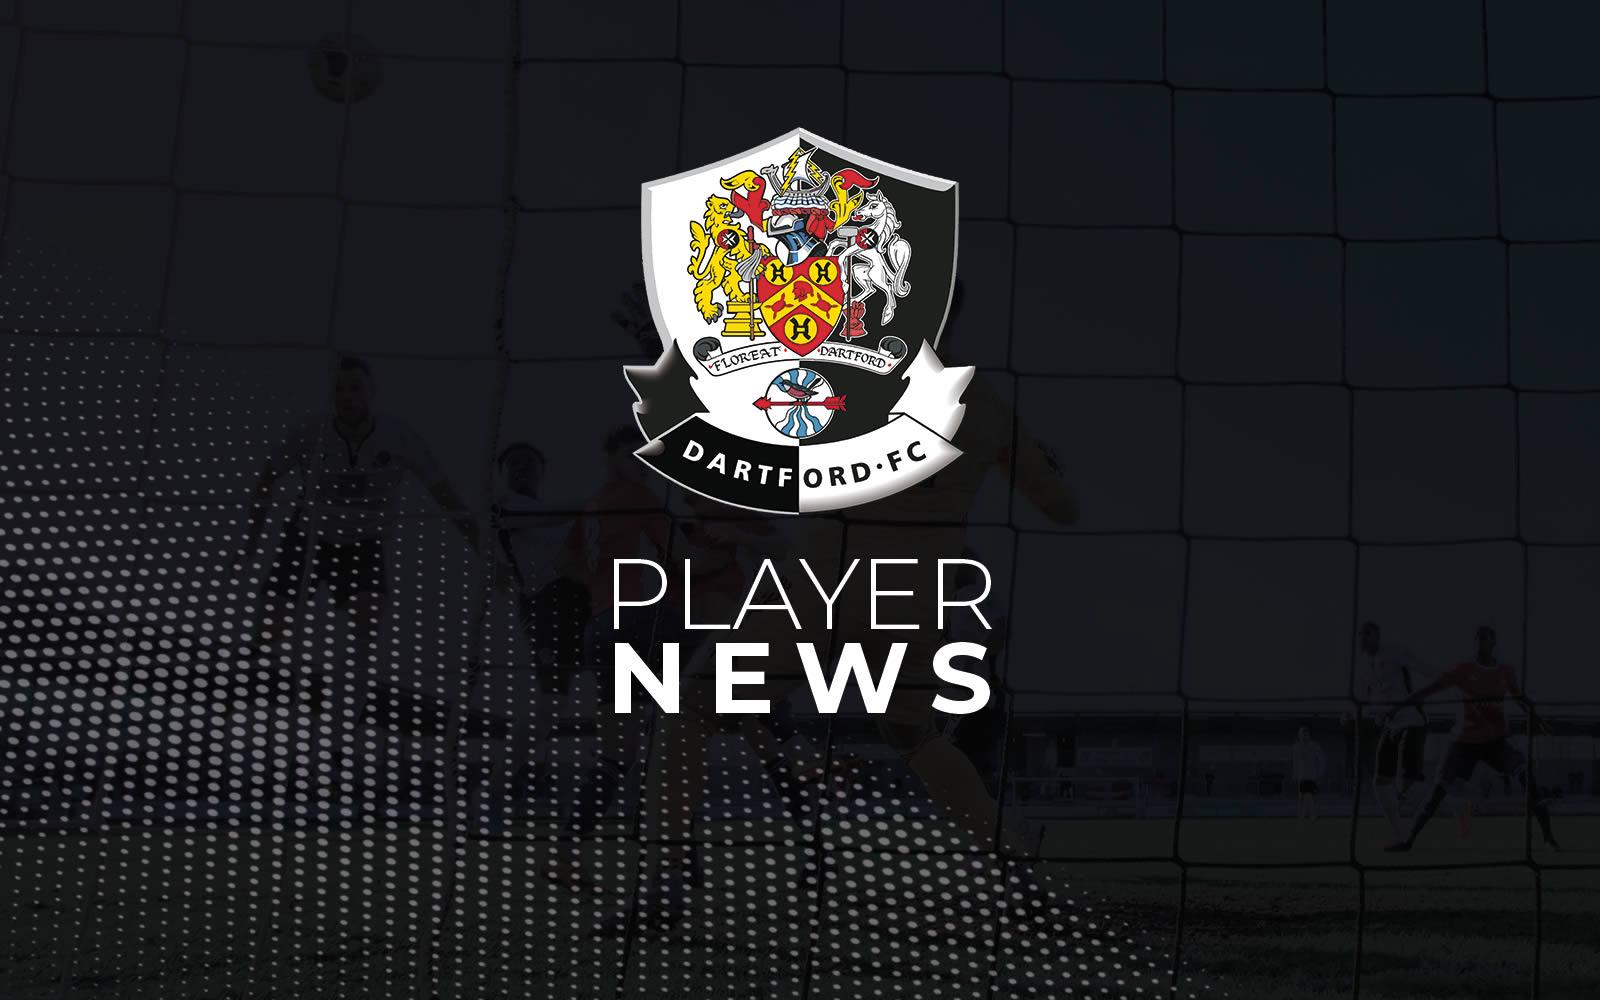 Player News dARTFORD fc